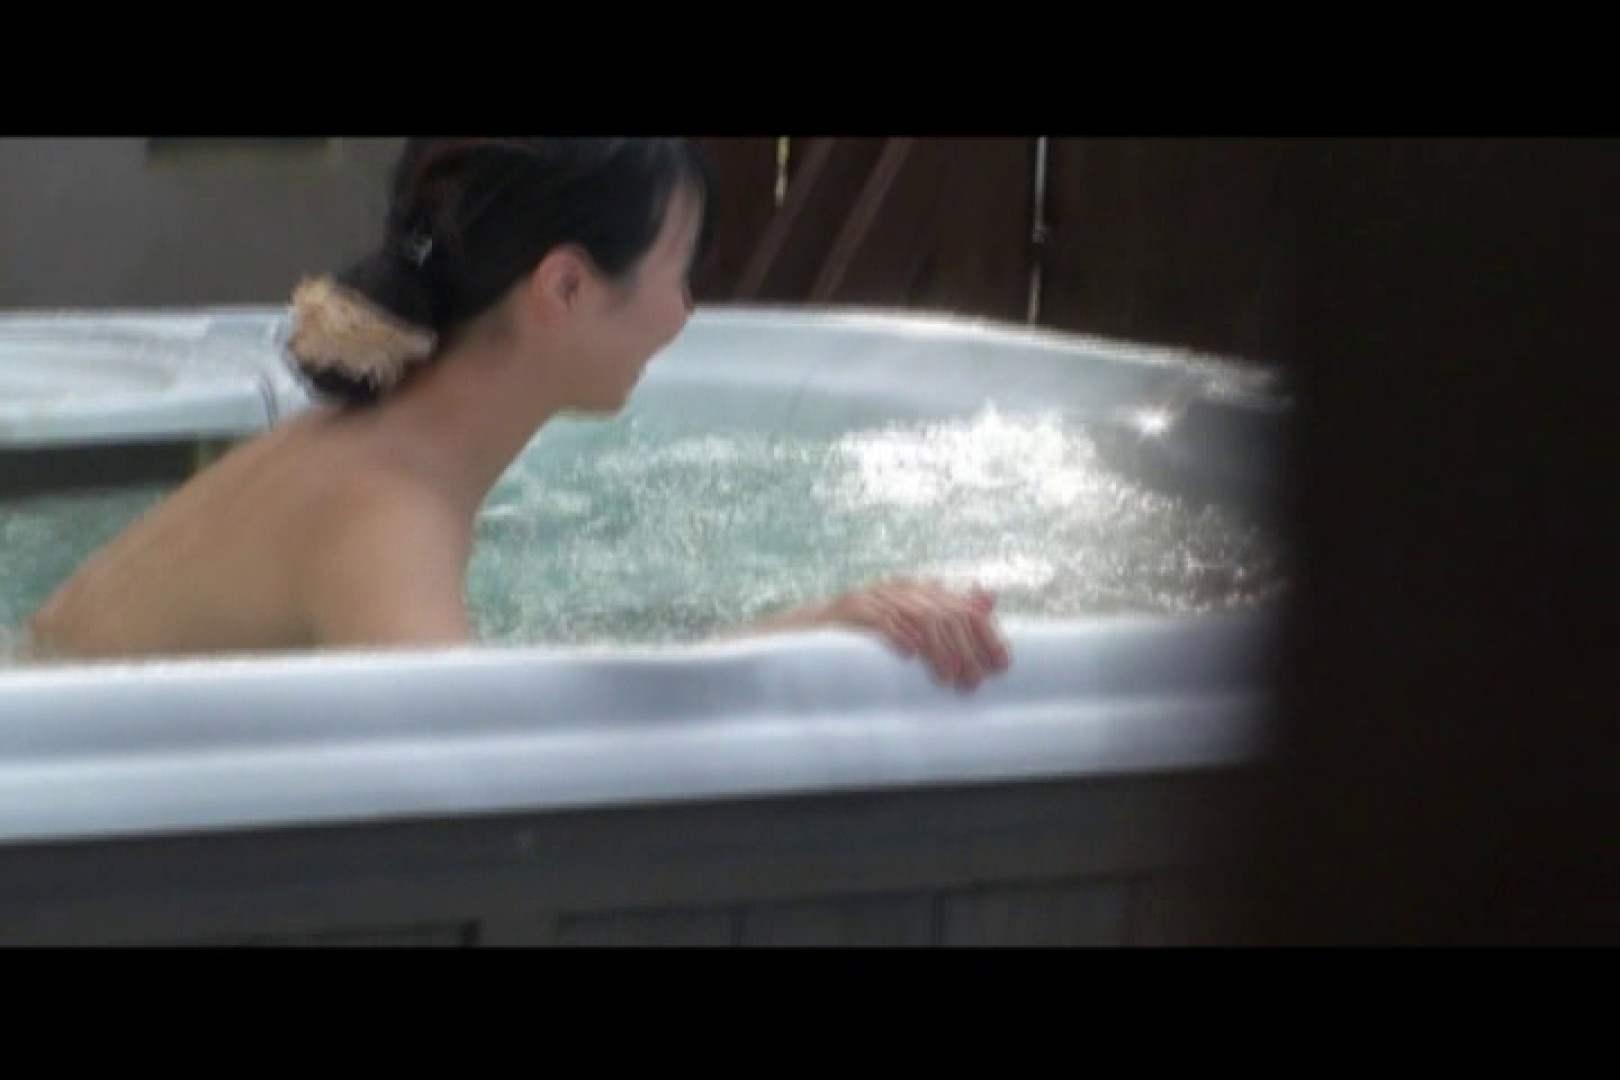 貸切露天 発情カップル! vol.07 OL  57pic 51